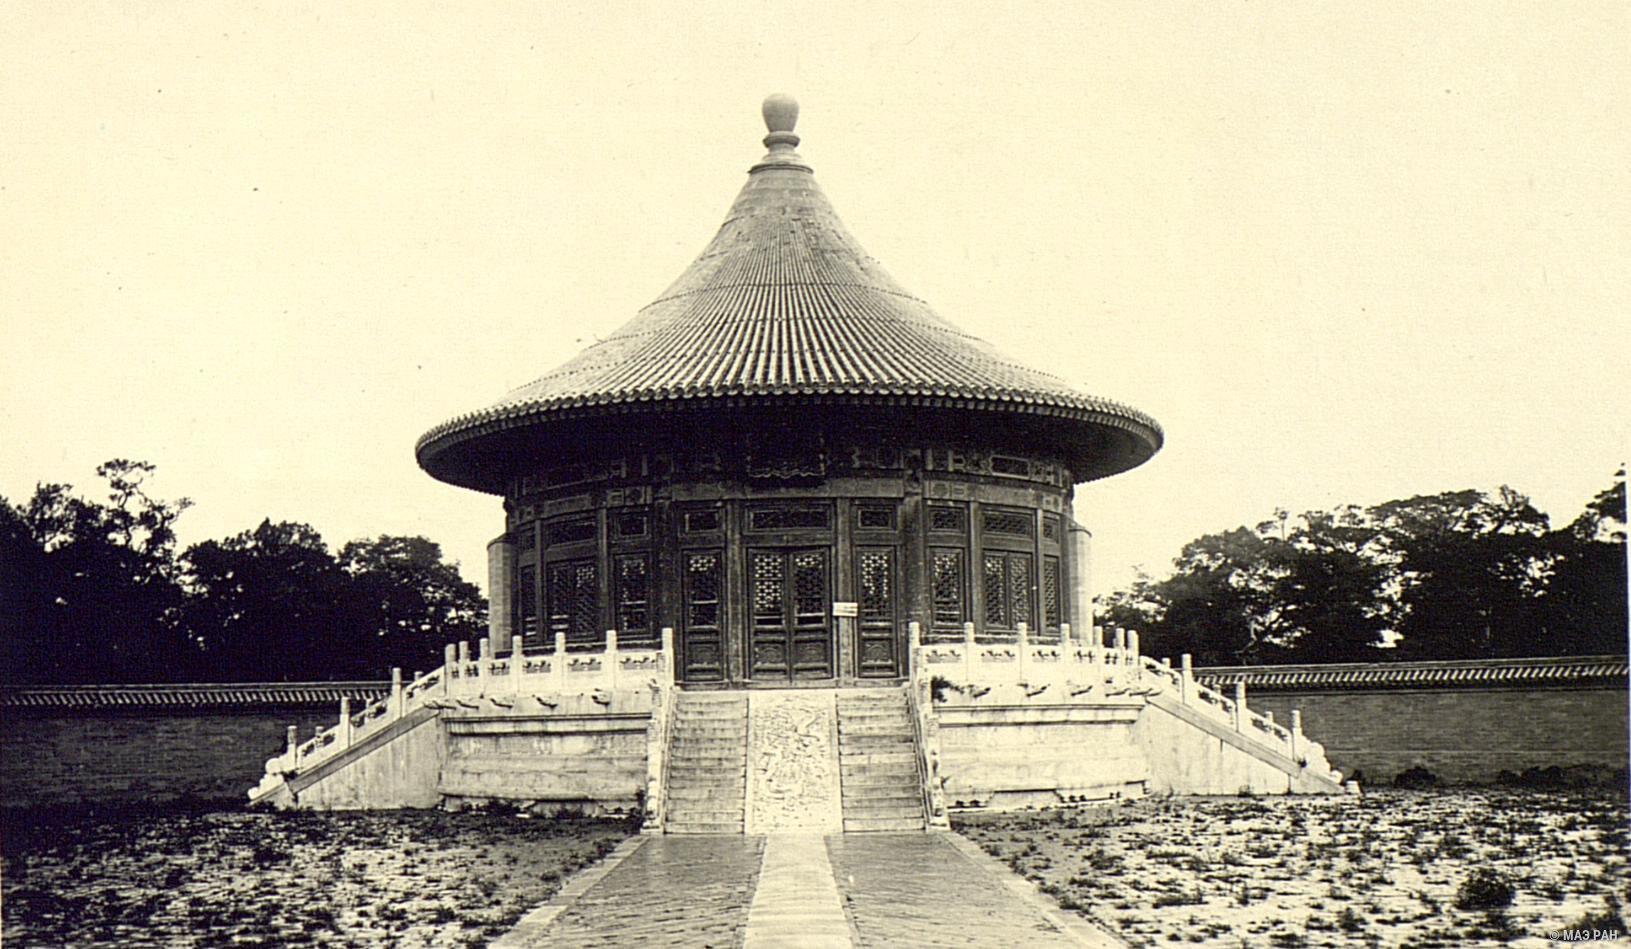 Храм Неба. Круглый павильон Небесного свода